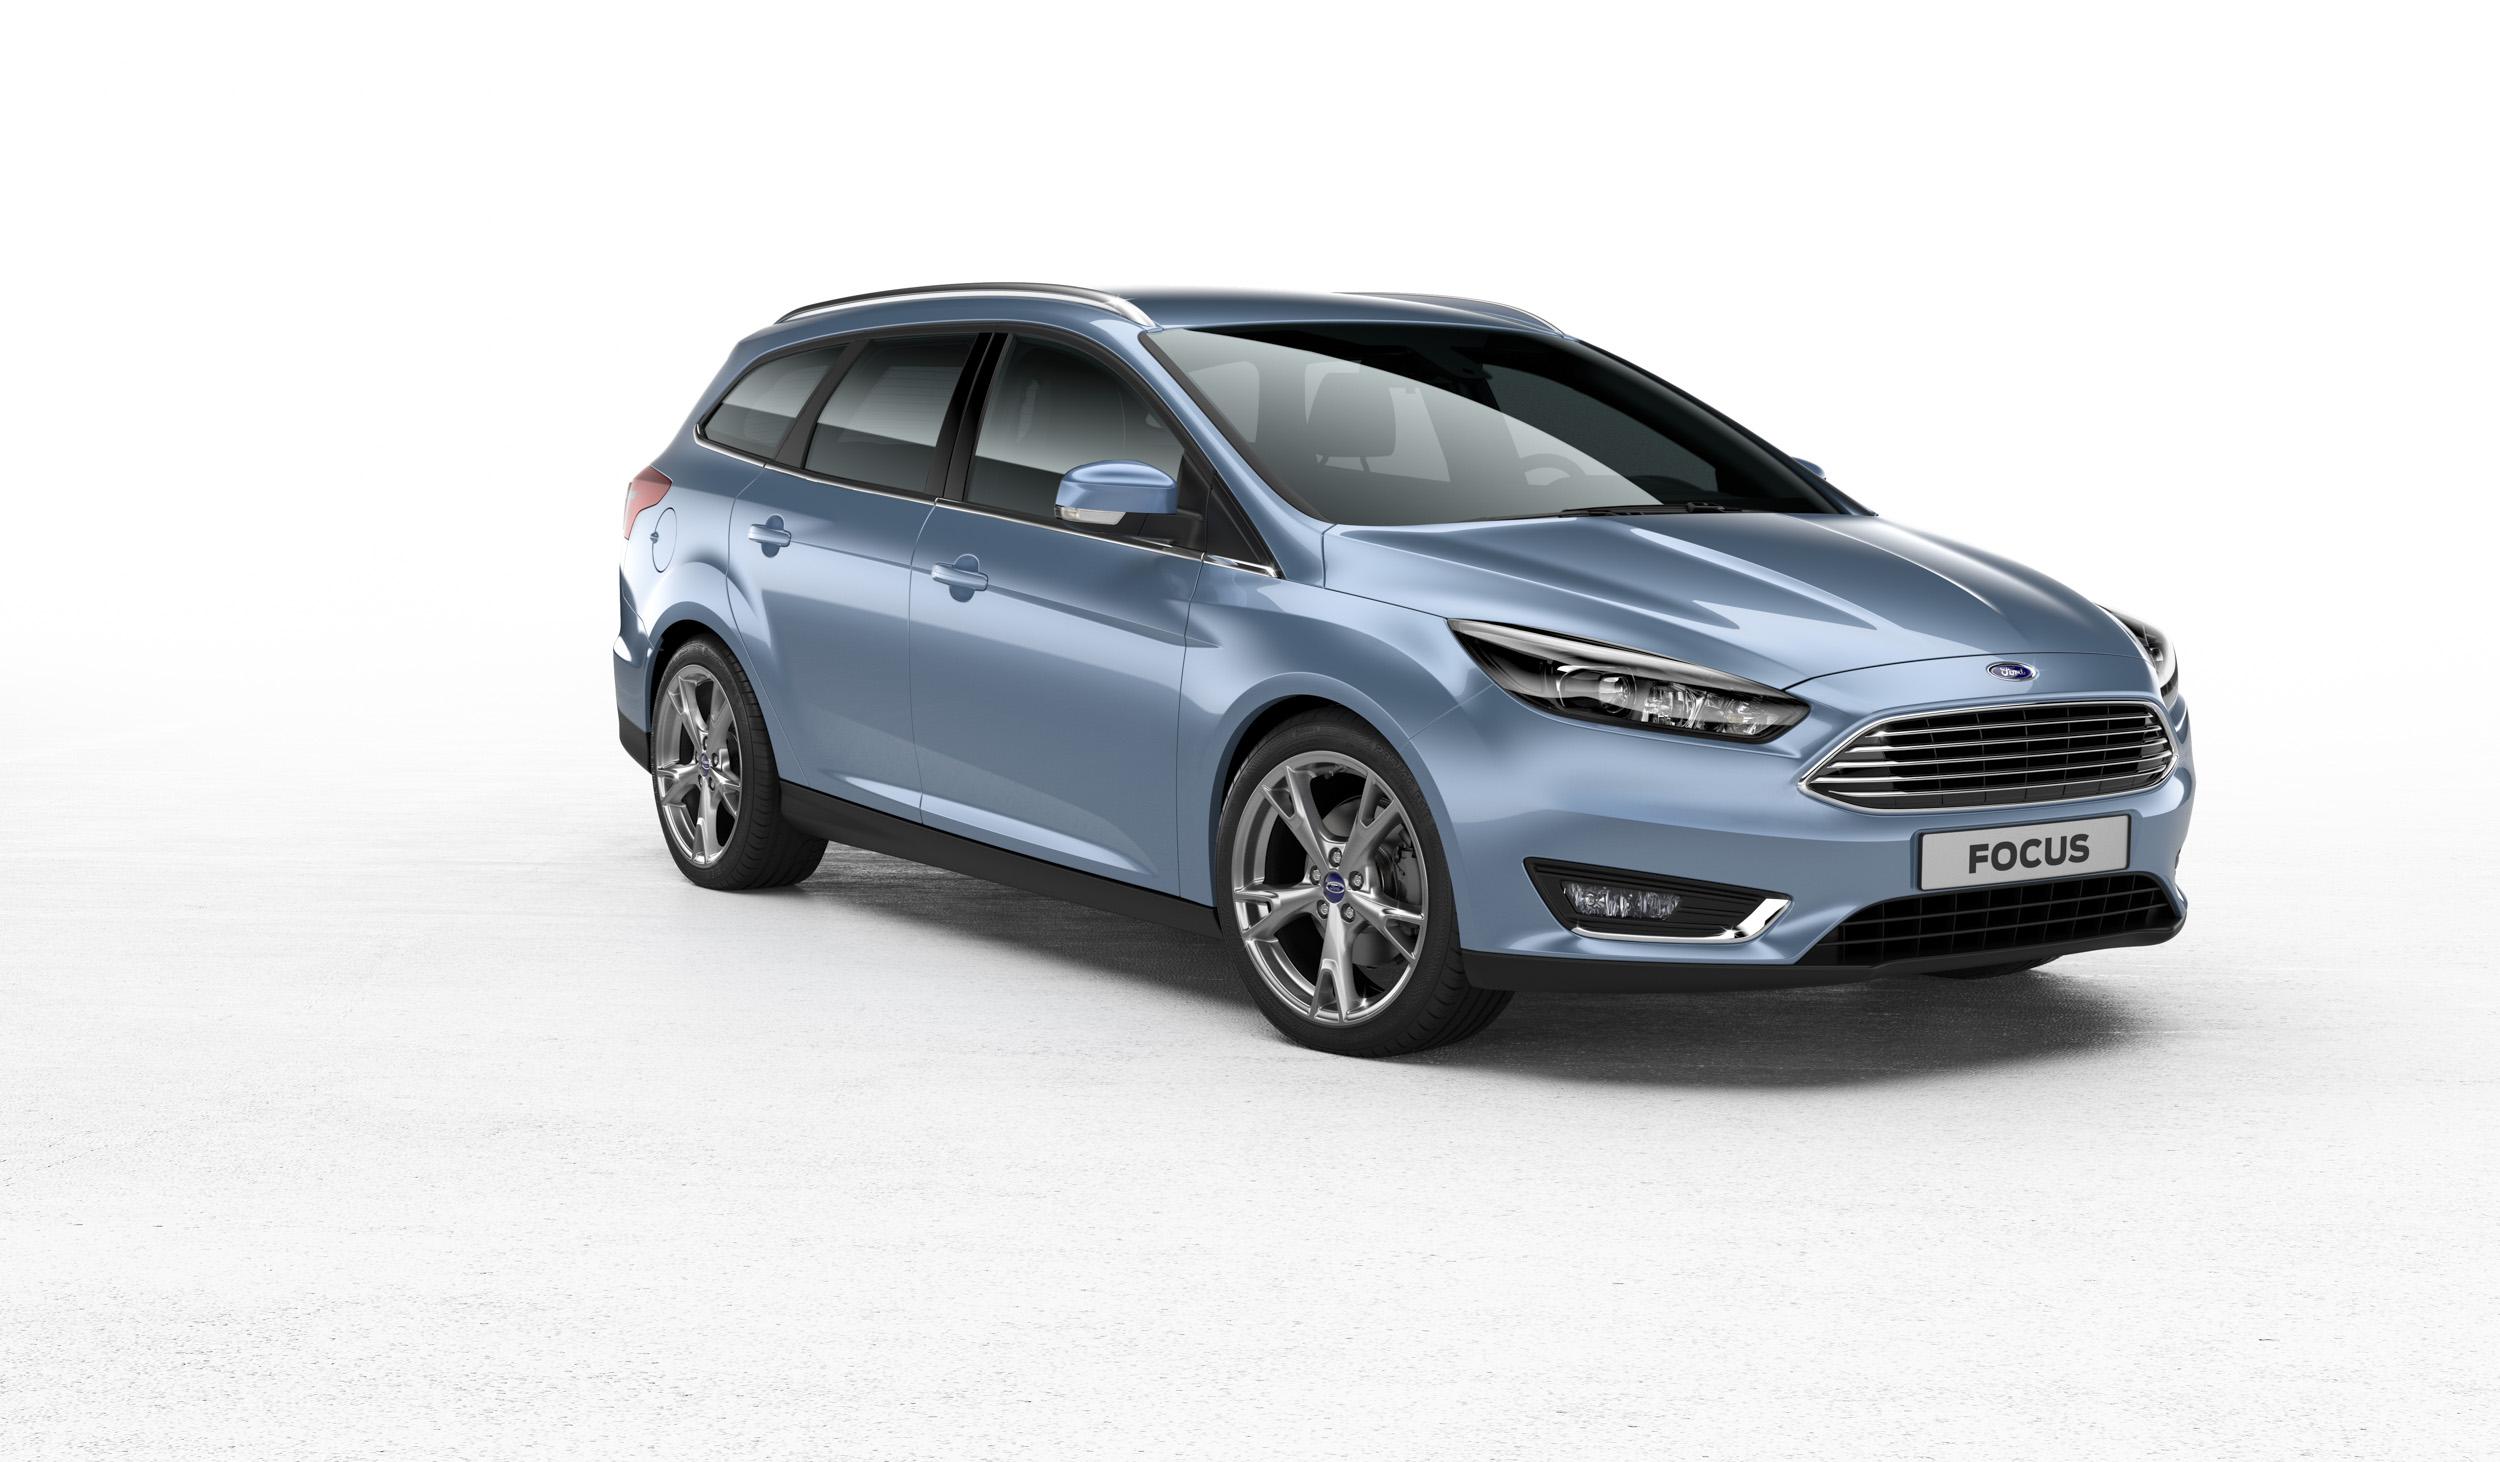 Ford_Focus_Wagon_02.jpg